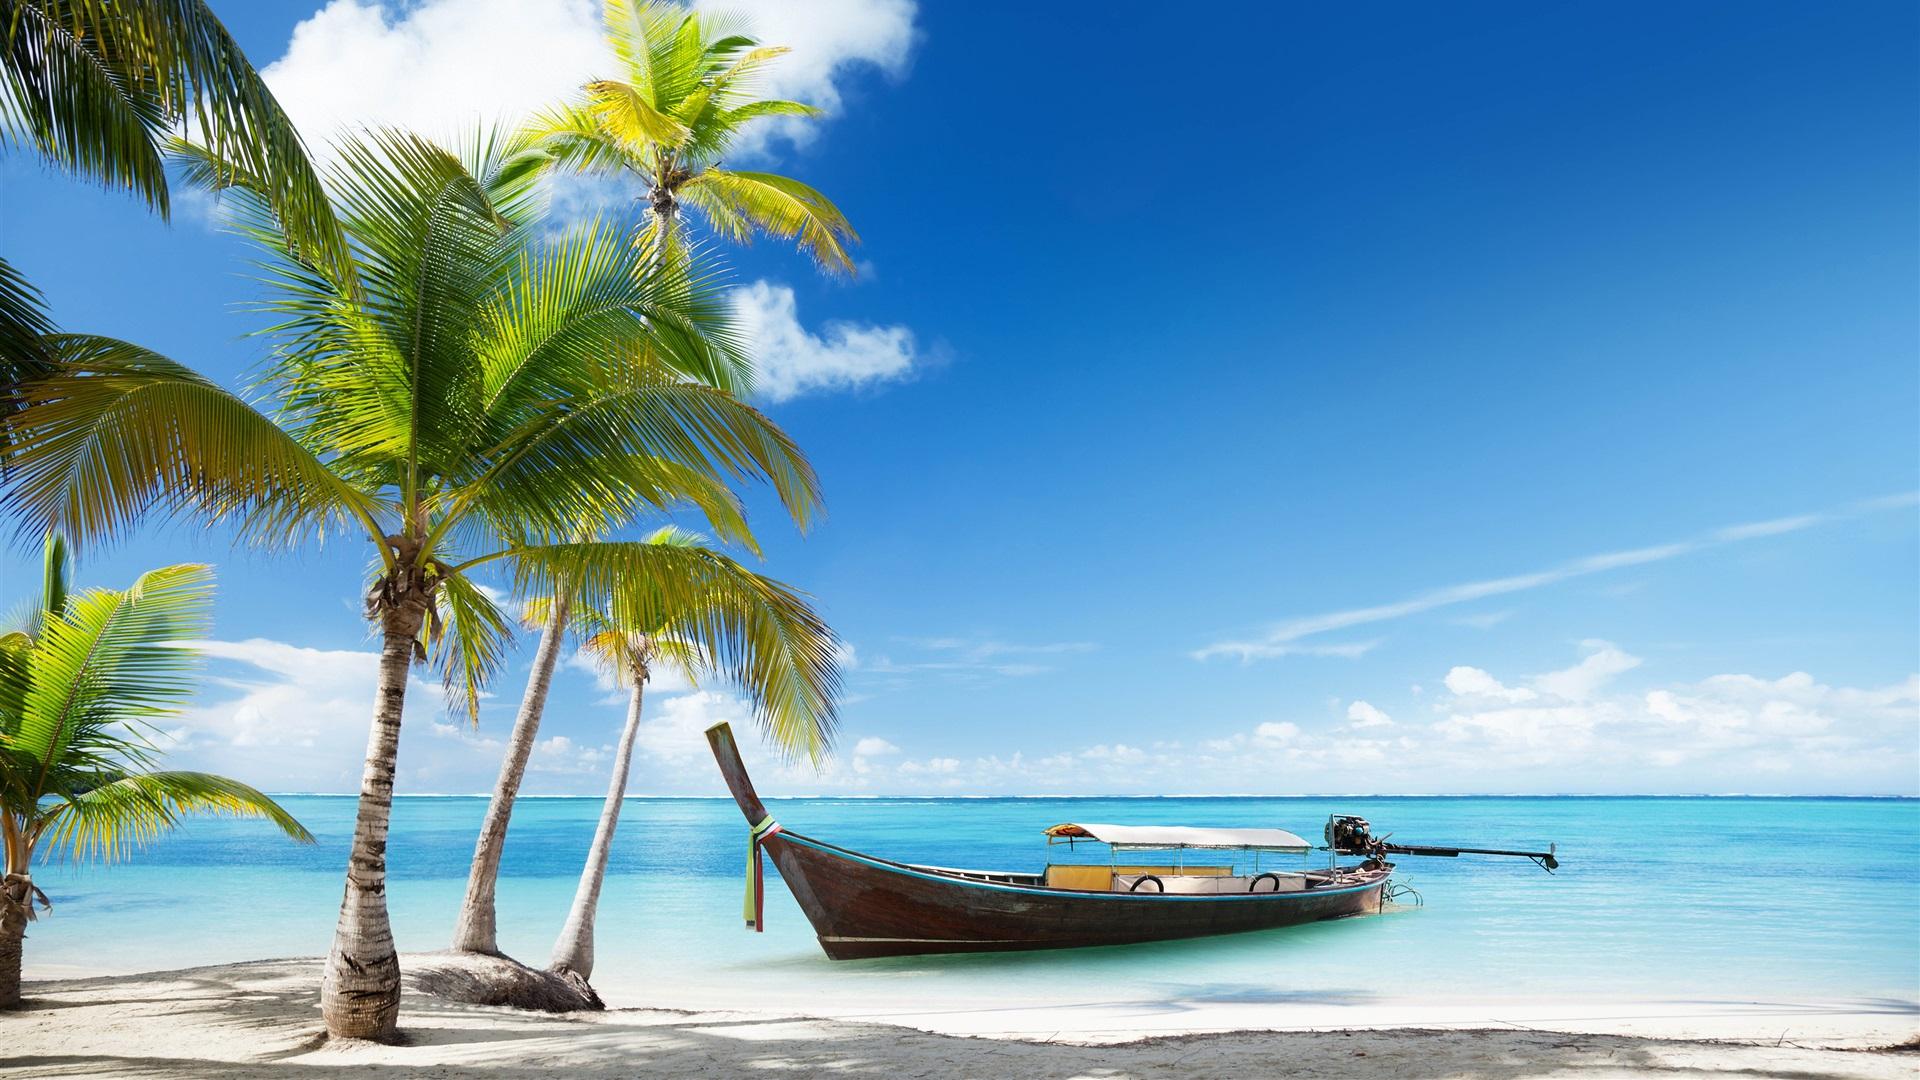 Wallpaper Caribbean Sea Beach Sunset Palm Trees Hd 5k: Fonds D'écran Thaïlande, Plage, Palmiers, Mer, Bateau